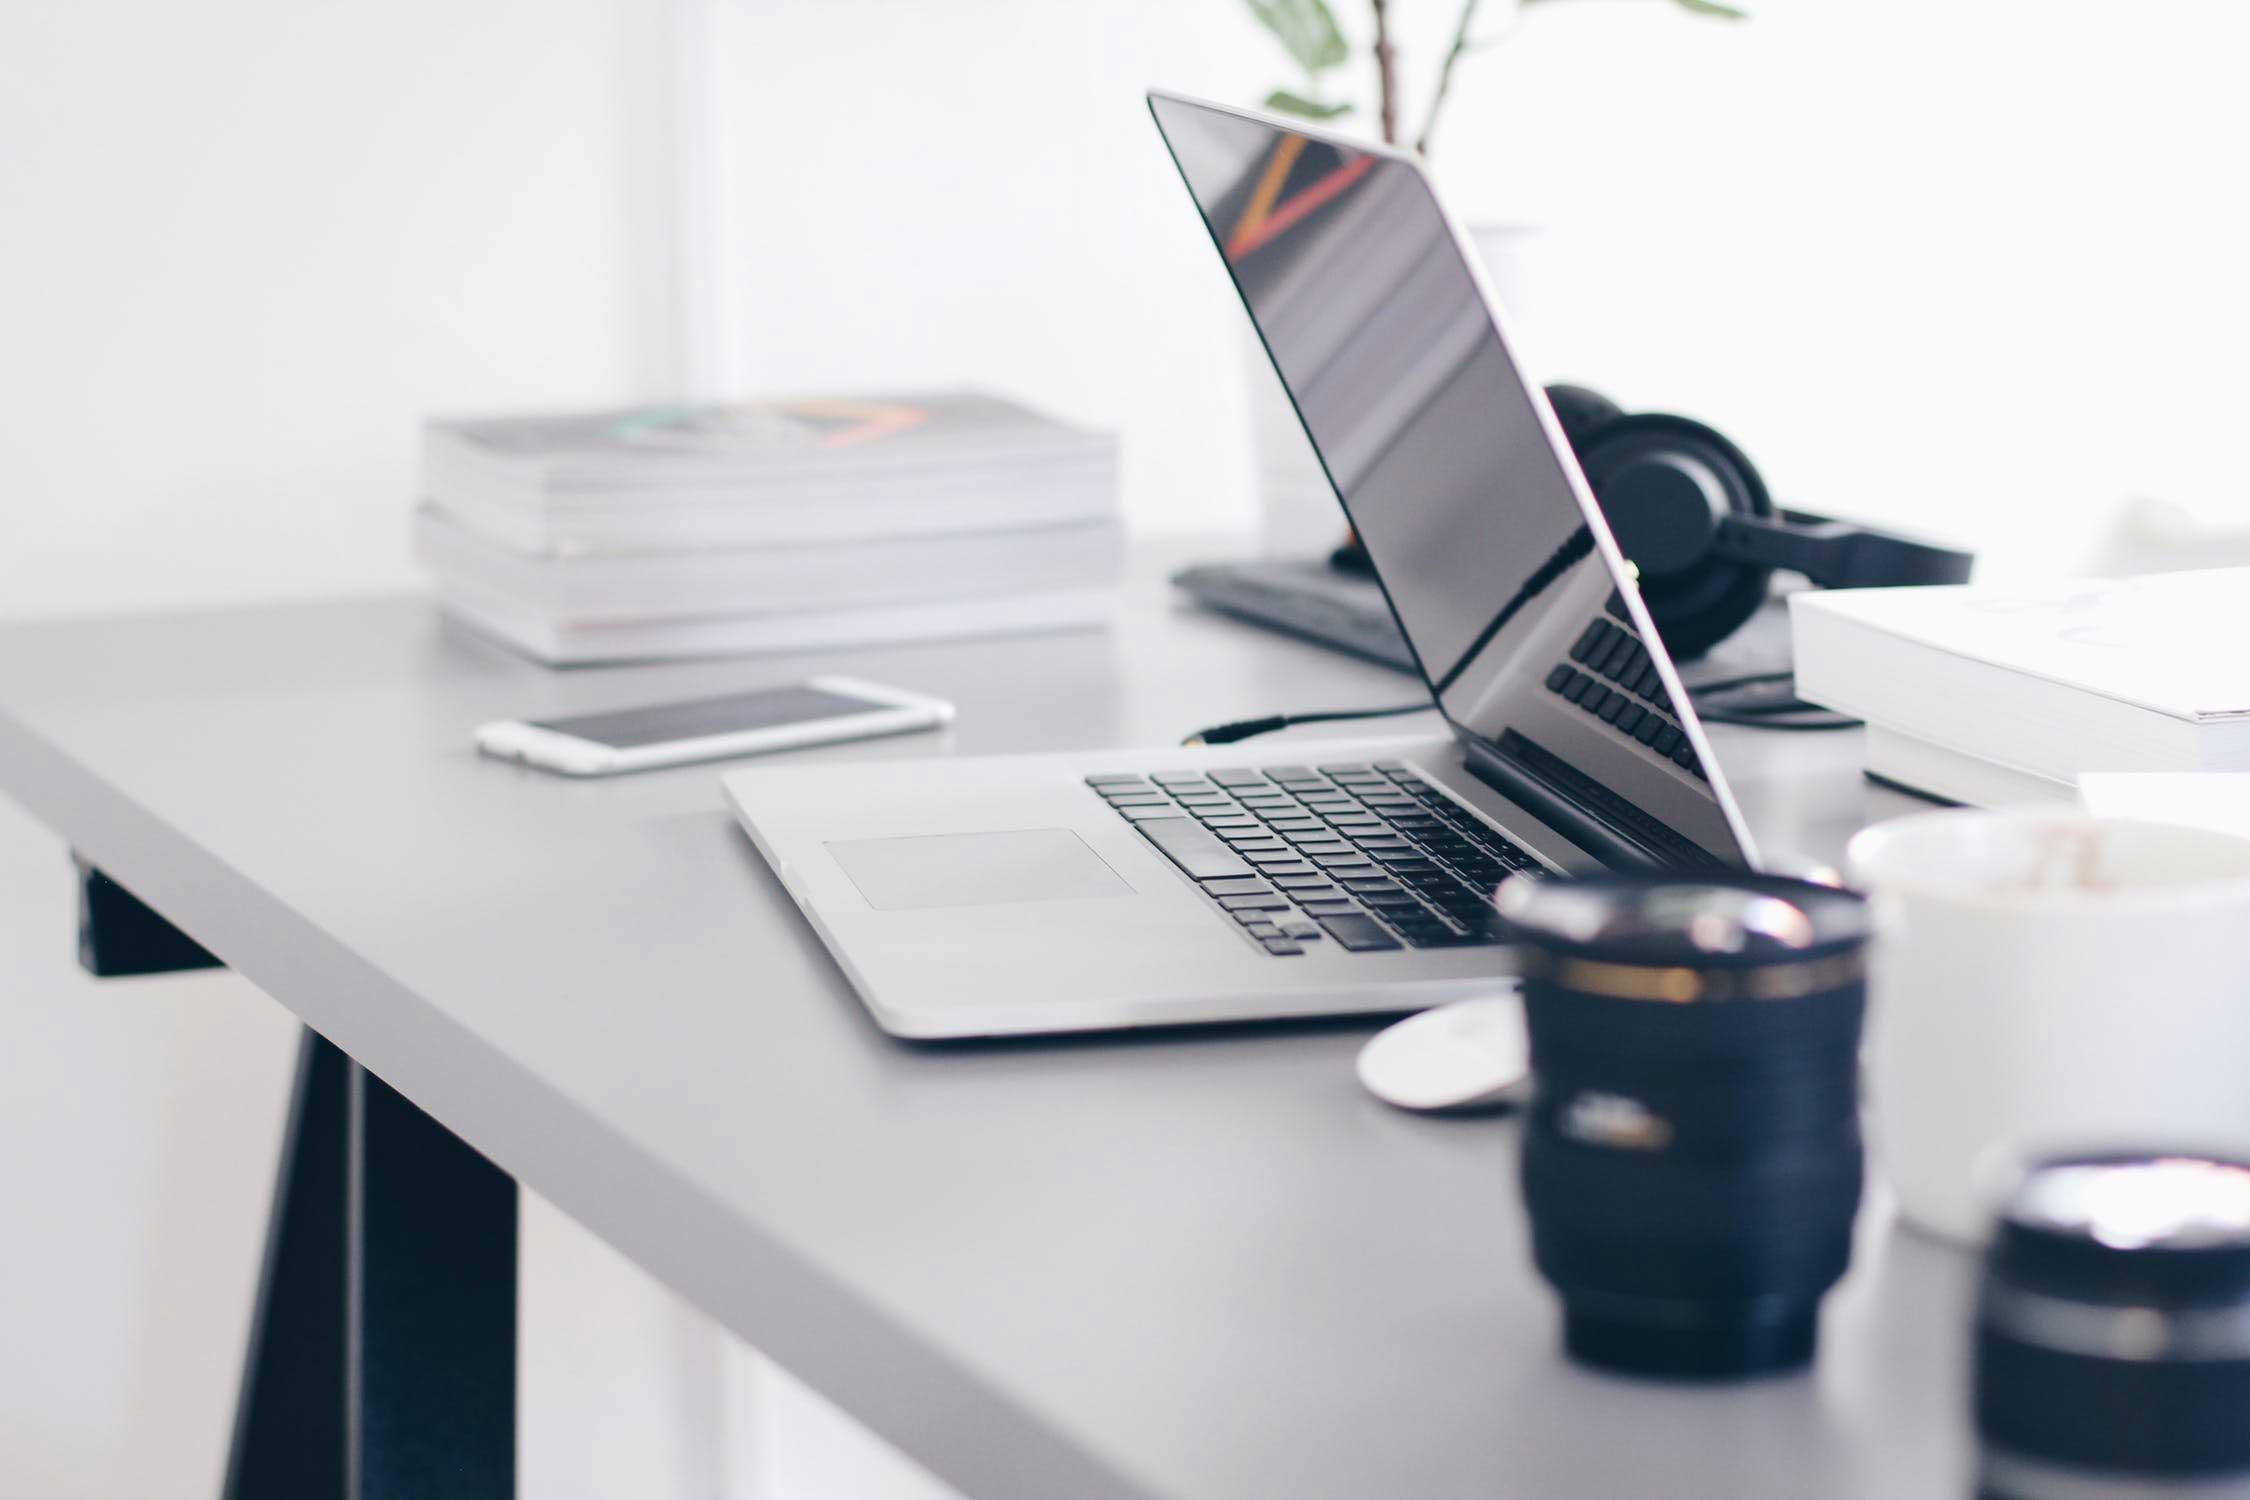 桌论坛讲贝博下载贝博下载,与行业大咖共商转型升级之道